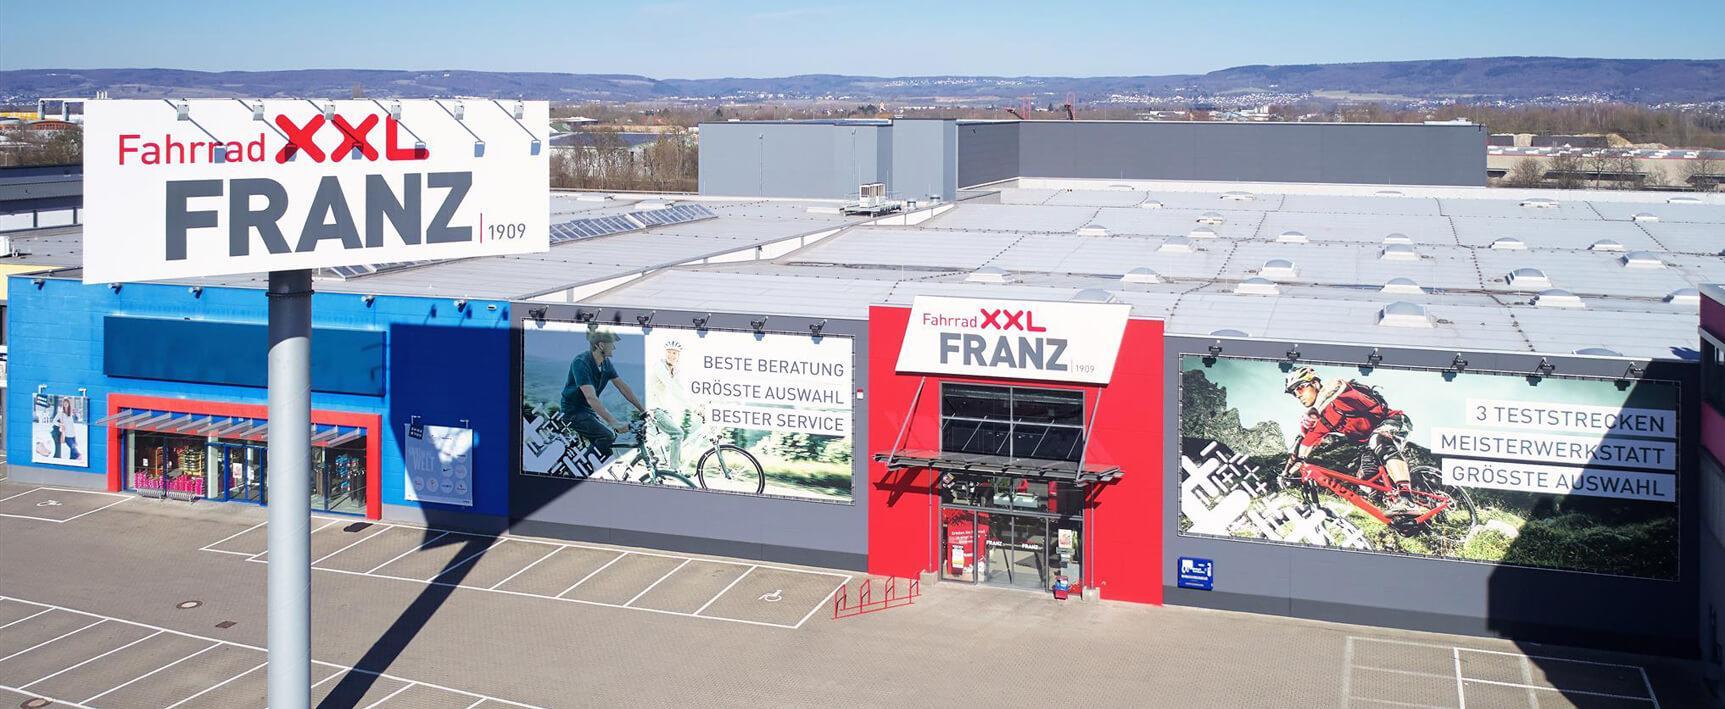 Fahrrad Xxl Franz Dein Fahrradladen In Mülheim Kärlich